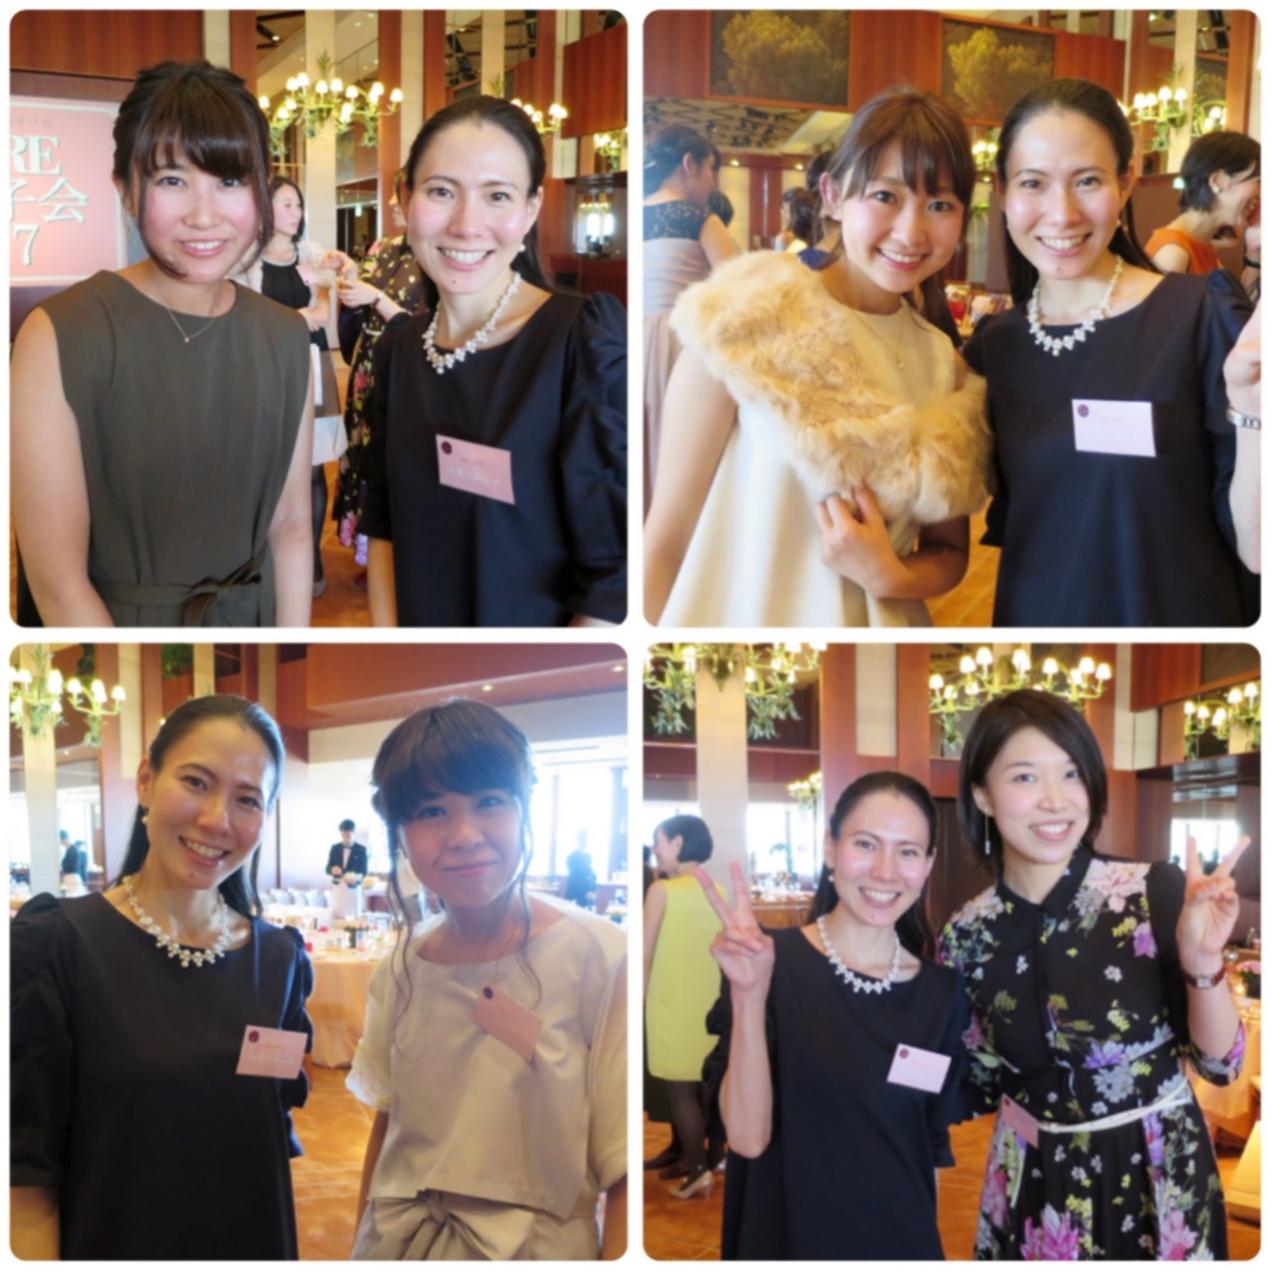 《 年に一度の大イベント! 》かわいい女子に、美味しいお料理、スペシャルゲスト!楽しいモア大女子会をレポート♡_9